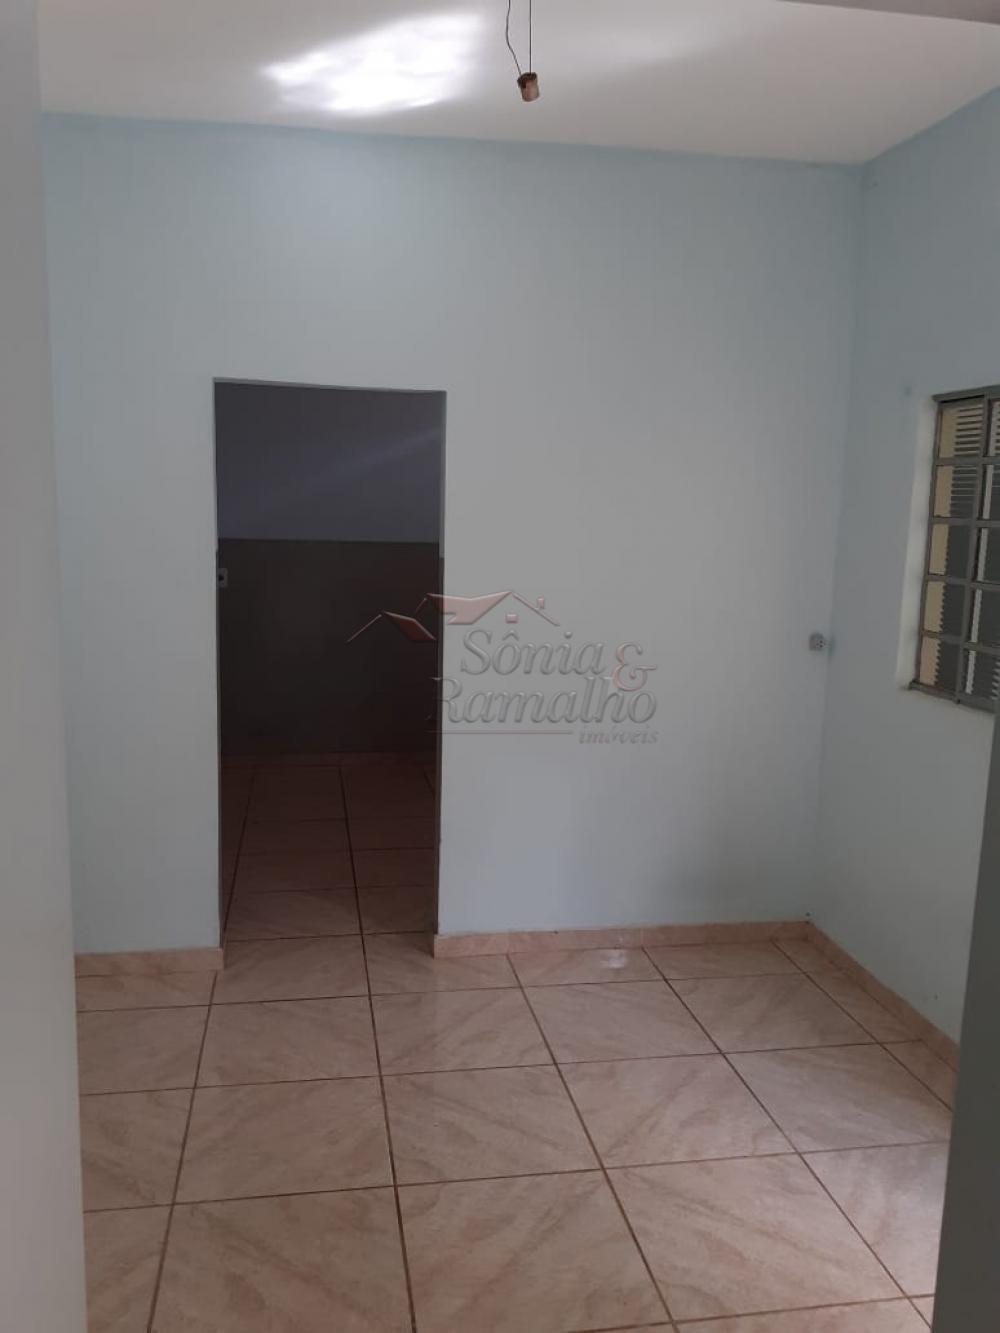 Alugar Casas / Padrão em Ribeirão Preto apenas R$ 480,00 - Foto 4